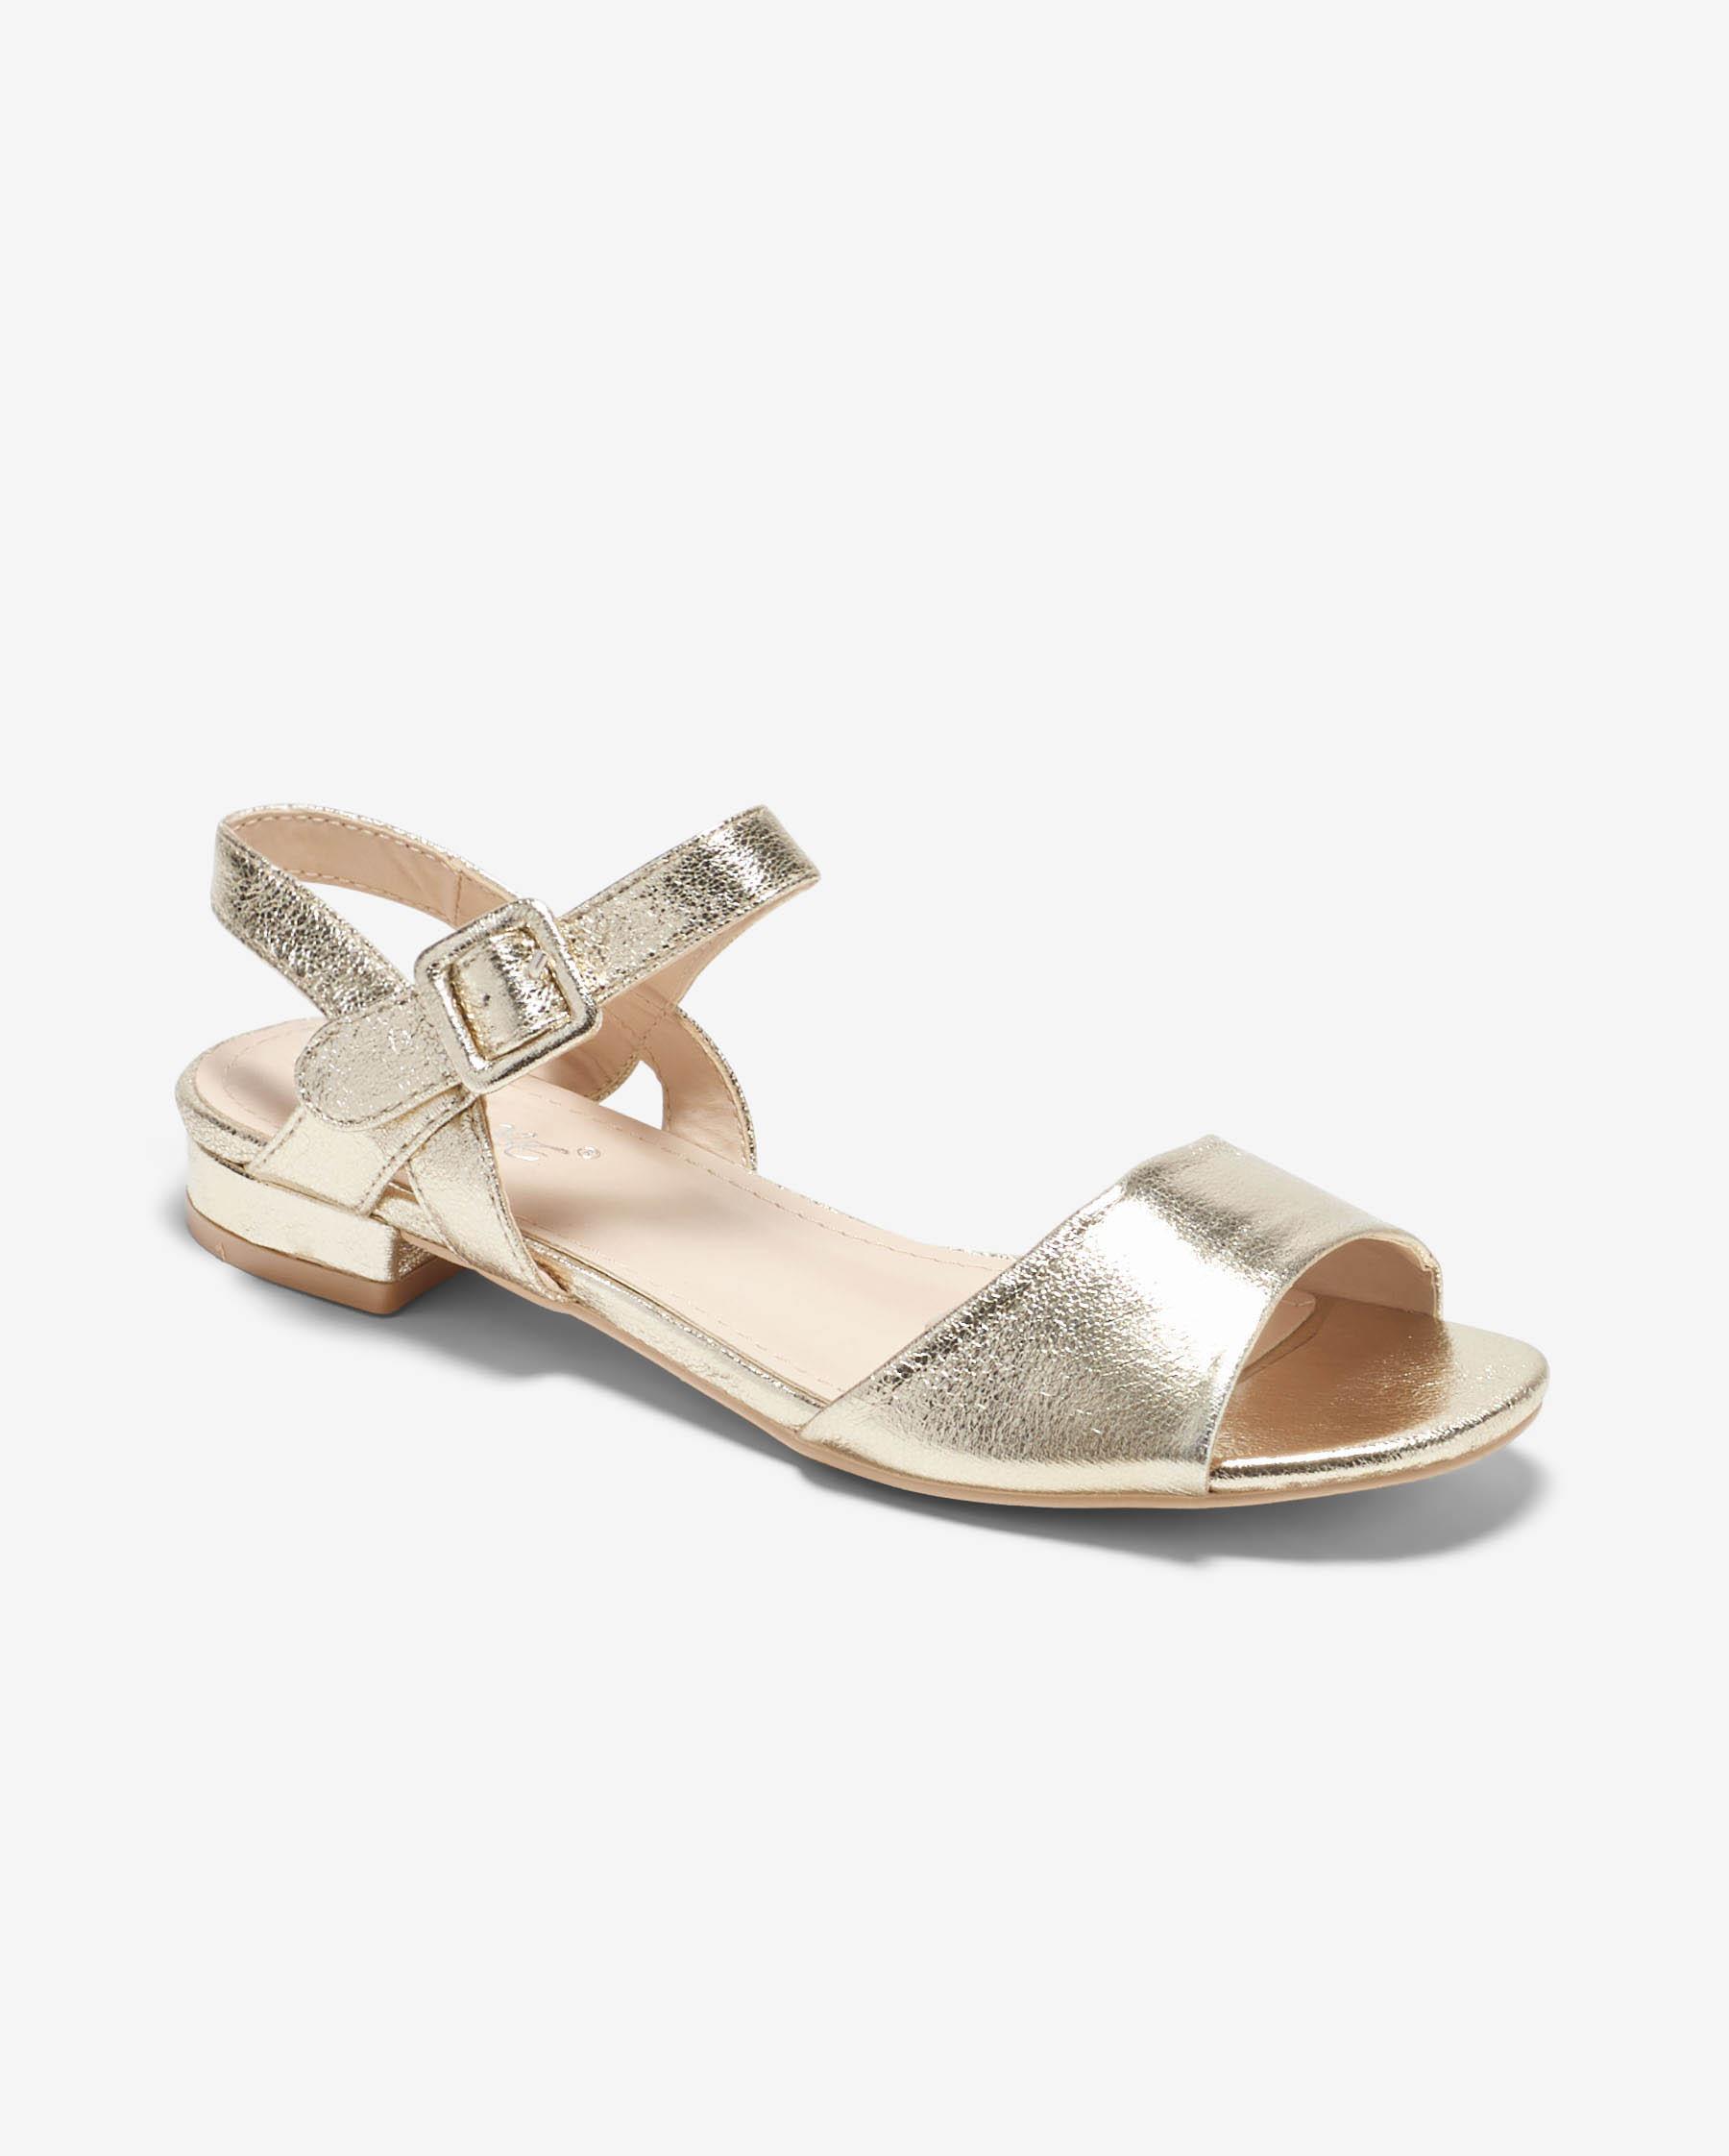 Sandales Plates Femme - Sandale Plate Or Jina - Ve806